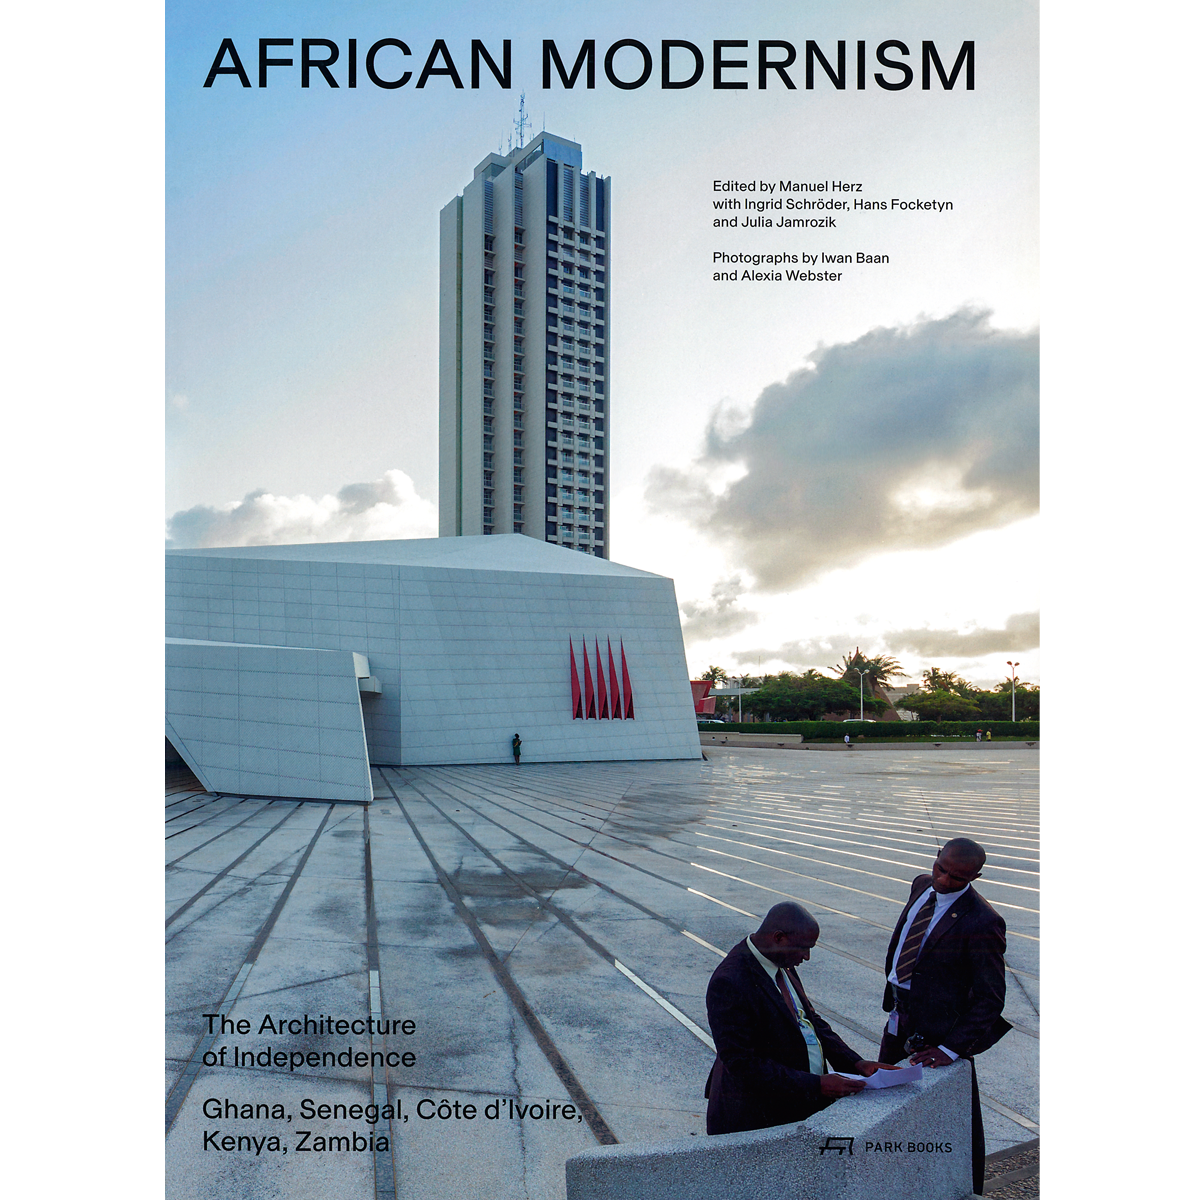 African Modernism